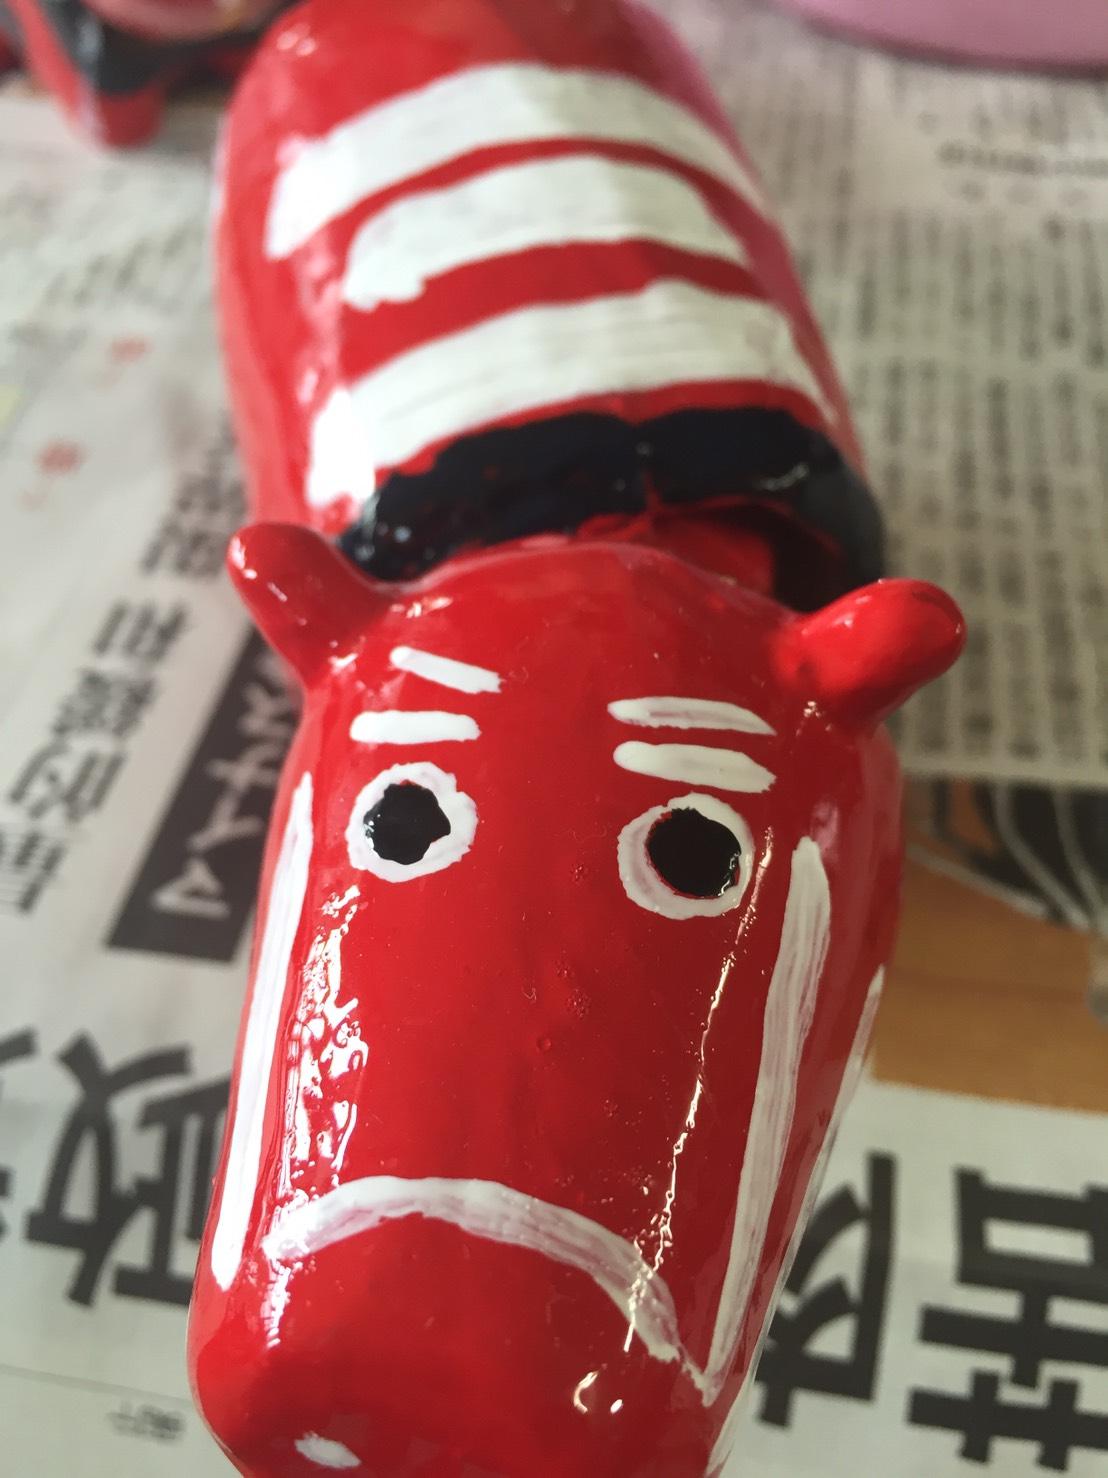 会津若松市「番匠」で赤べこ作り体験をしてきました。